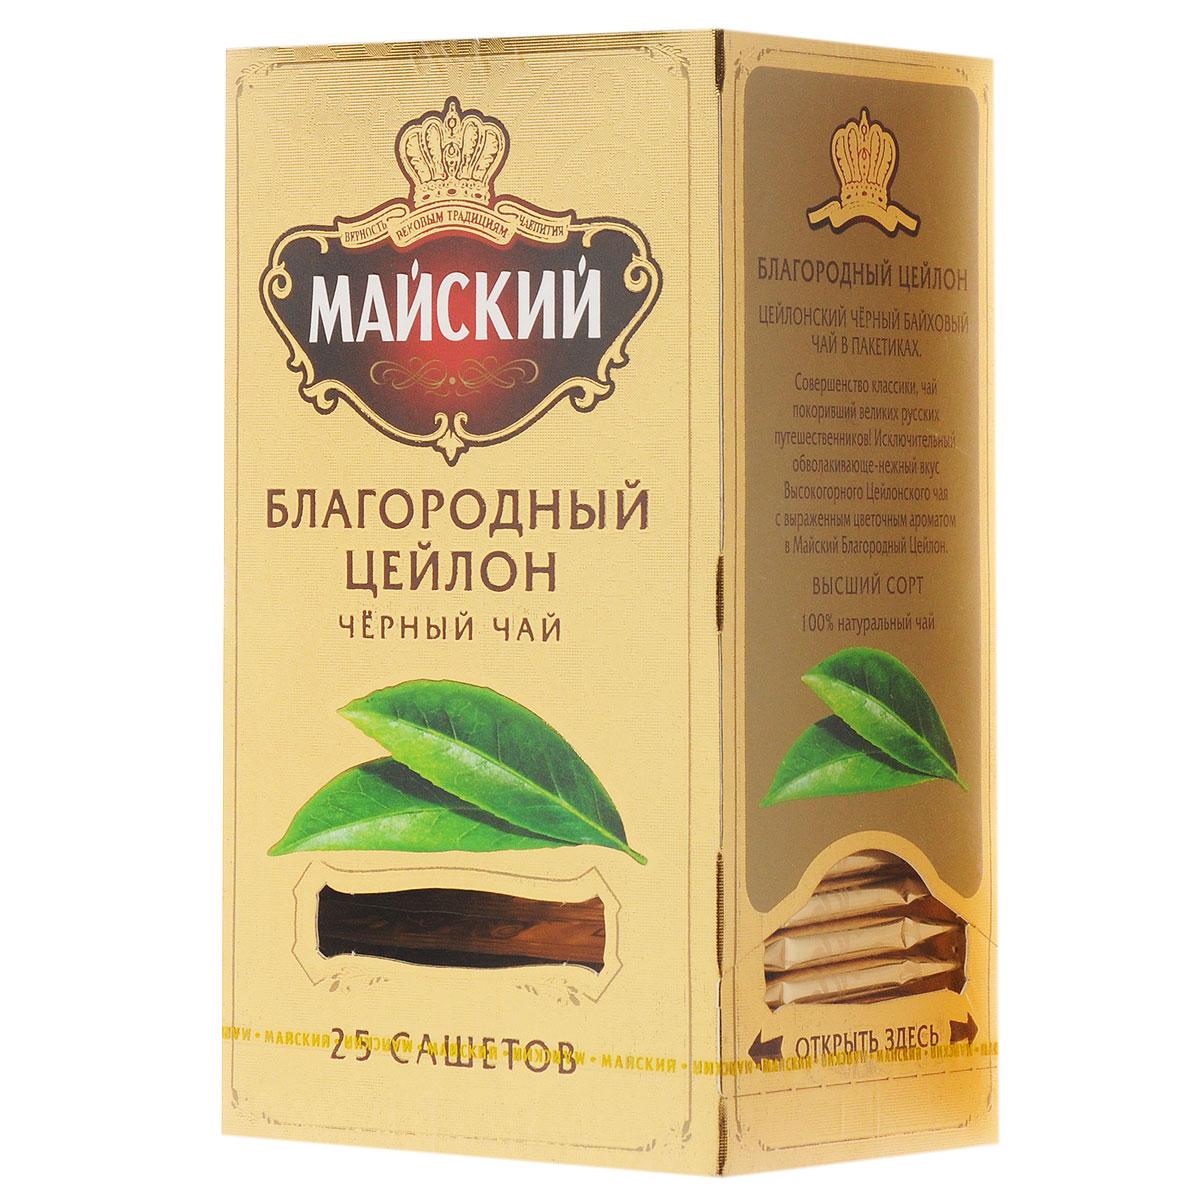 Майский Благородный Цейлон черный чай в пакетиках, 25 шт0120710Майский Благородный Цейлон - высокогорный цейлонский чай с выраженным цветочным вкусом и ароматом. Совершенство классики. Чай, покоривший великих русских путешественников.